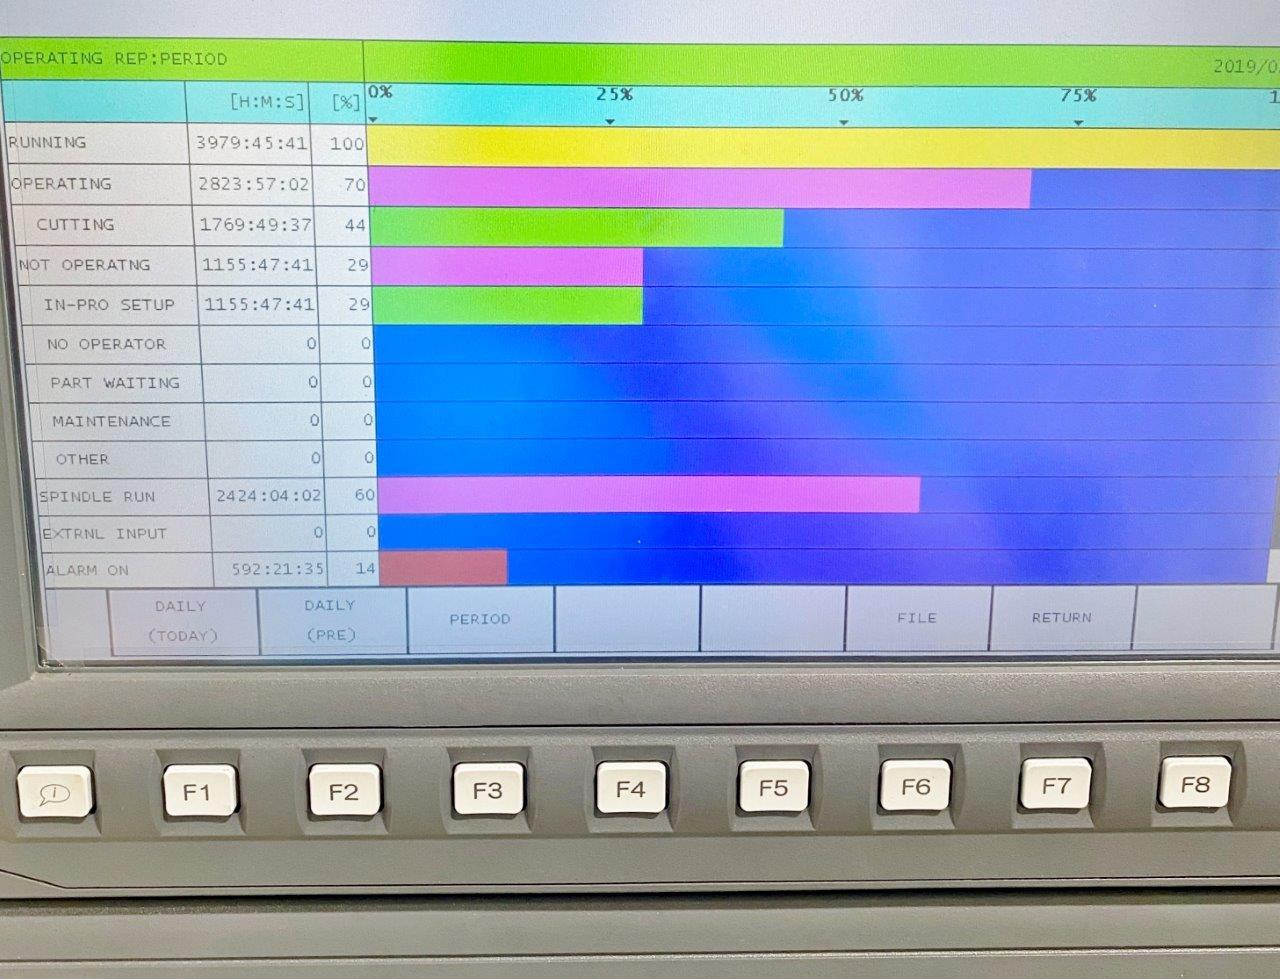 OKUMA MB-5000HII, 2019, 1,700 HOURS